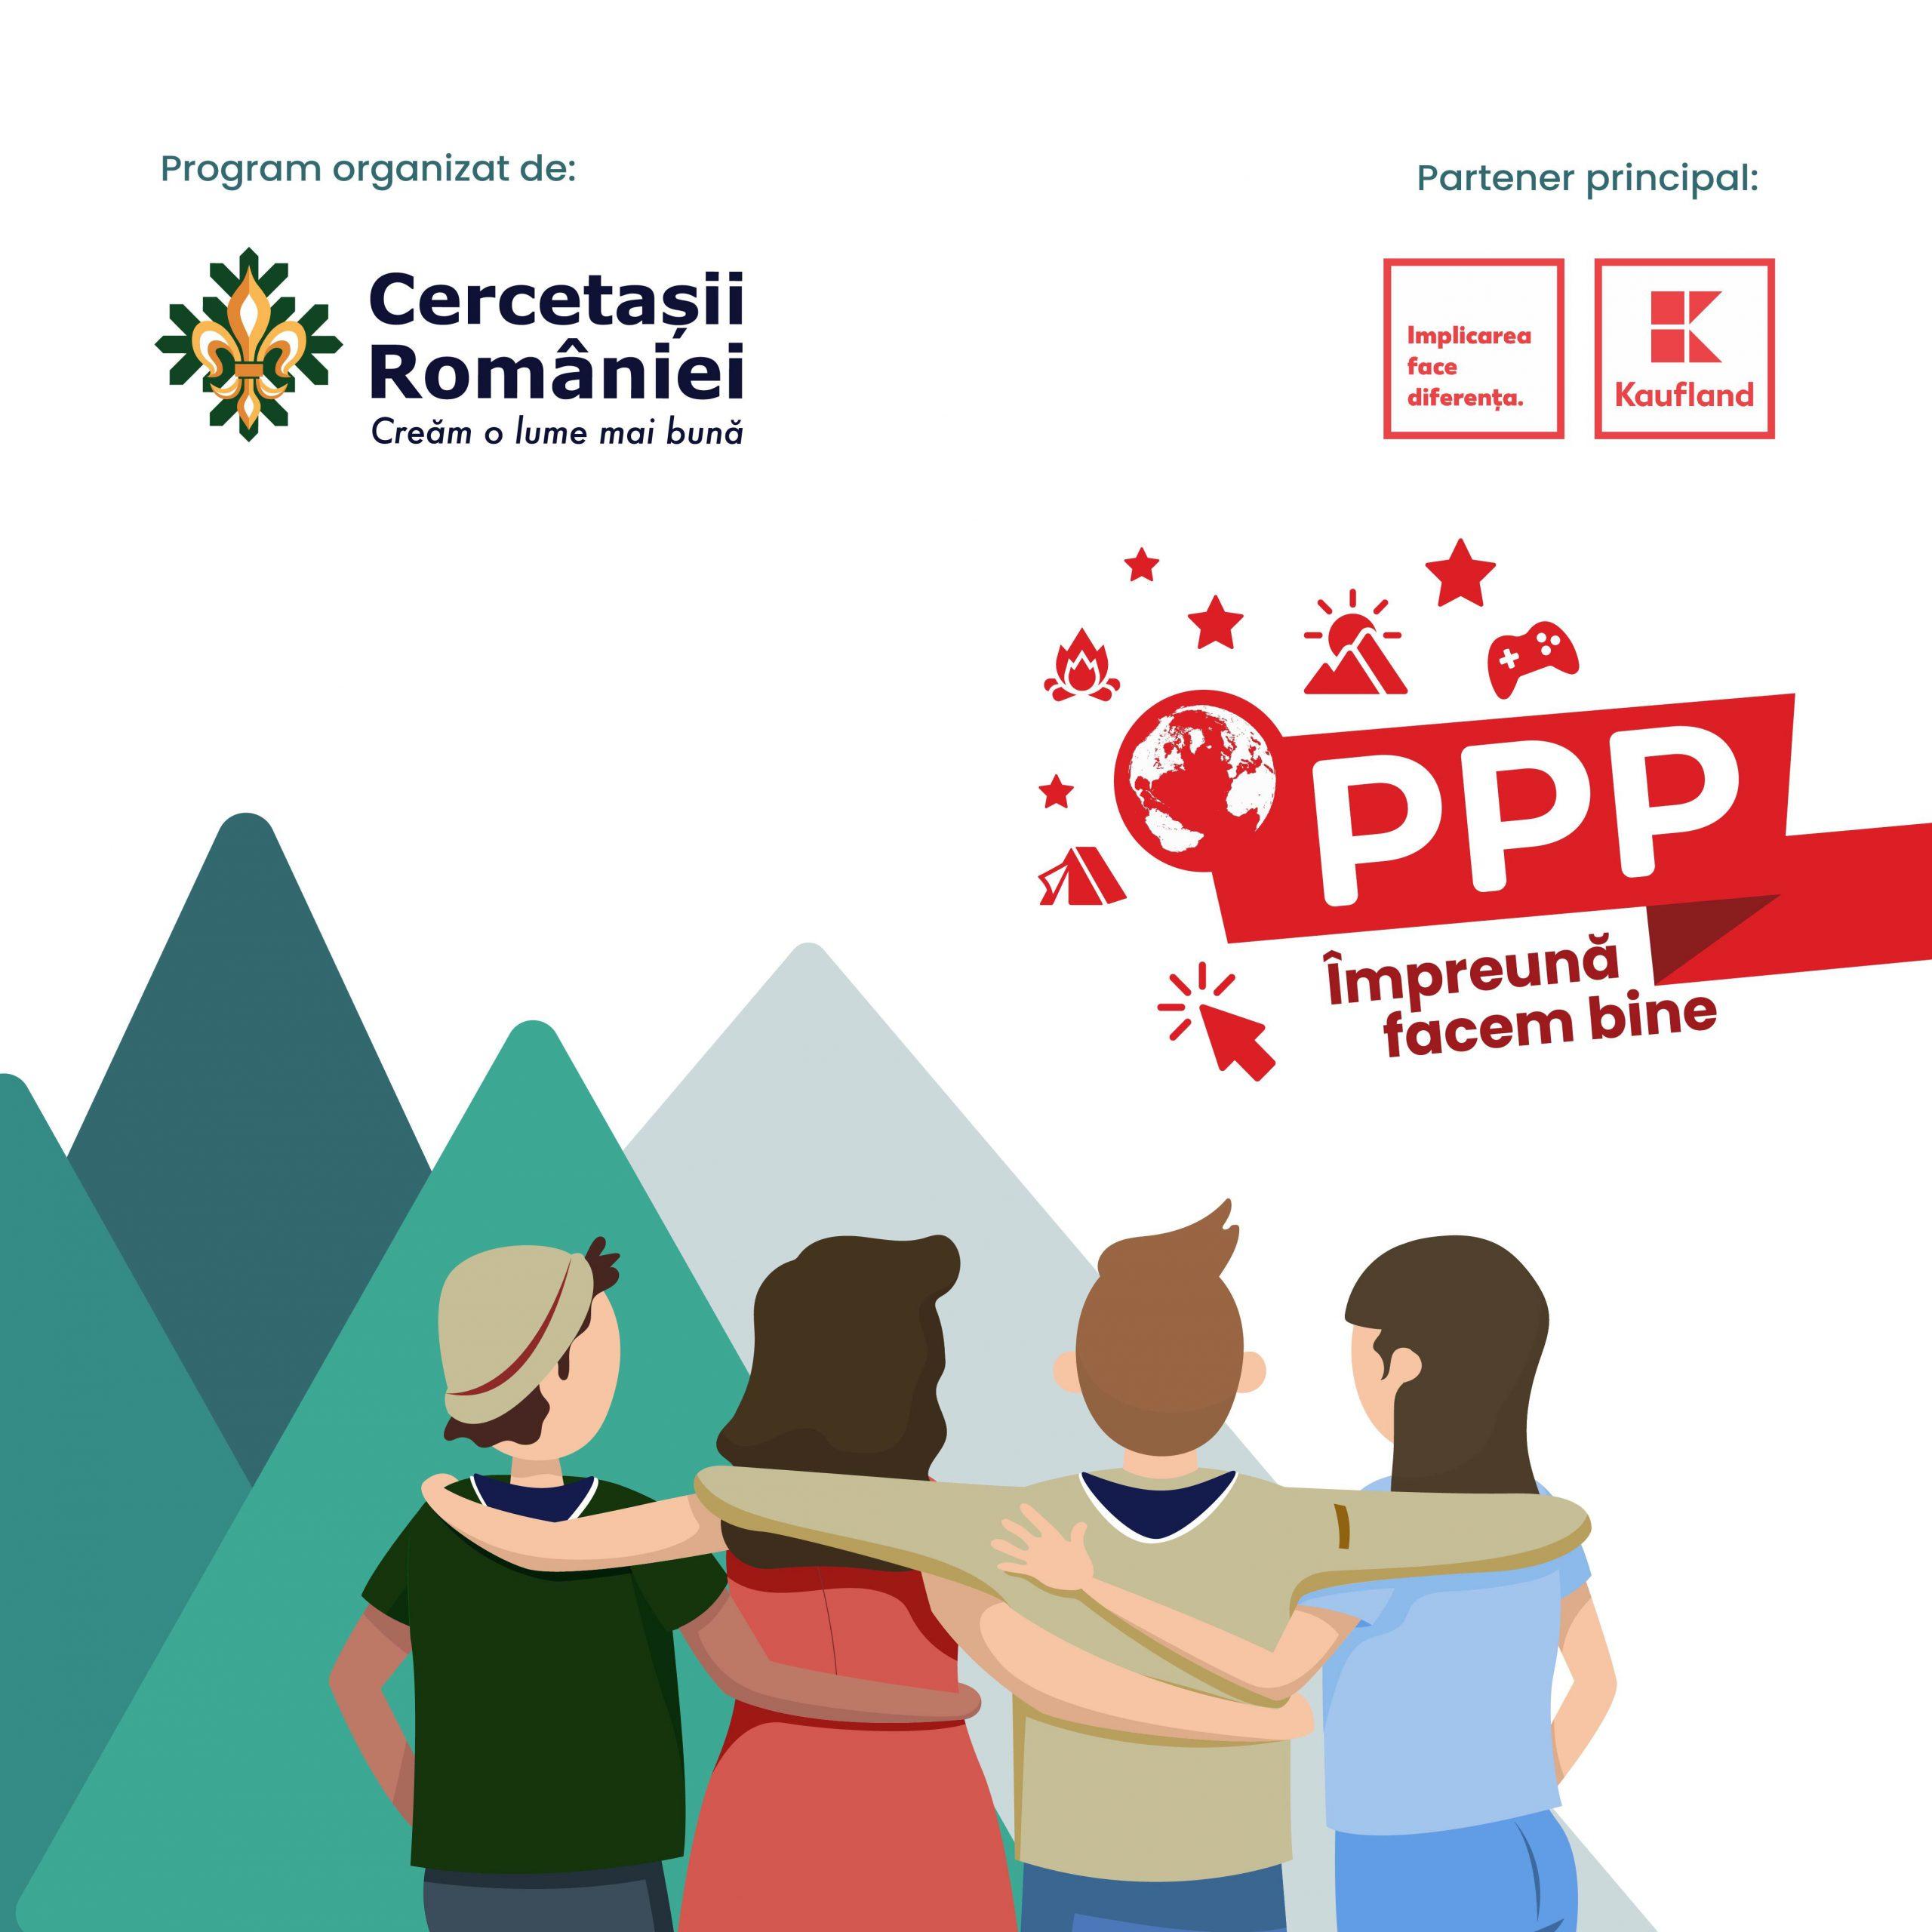 Cercetașii României se implică activ în comunitate